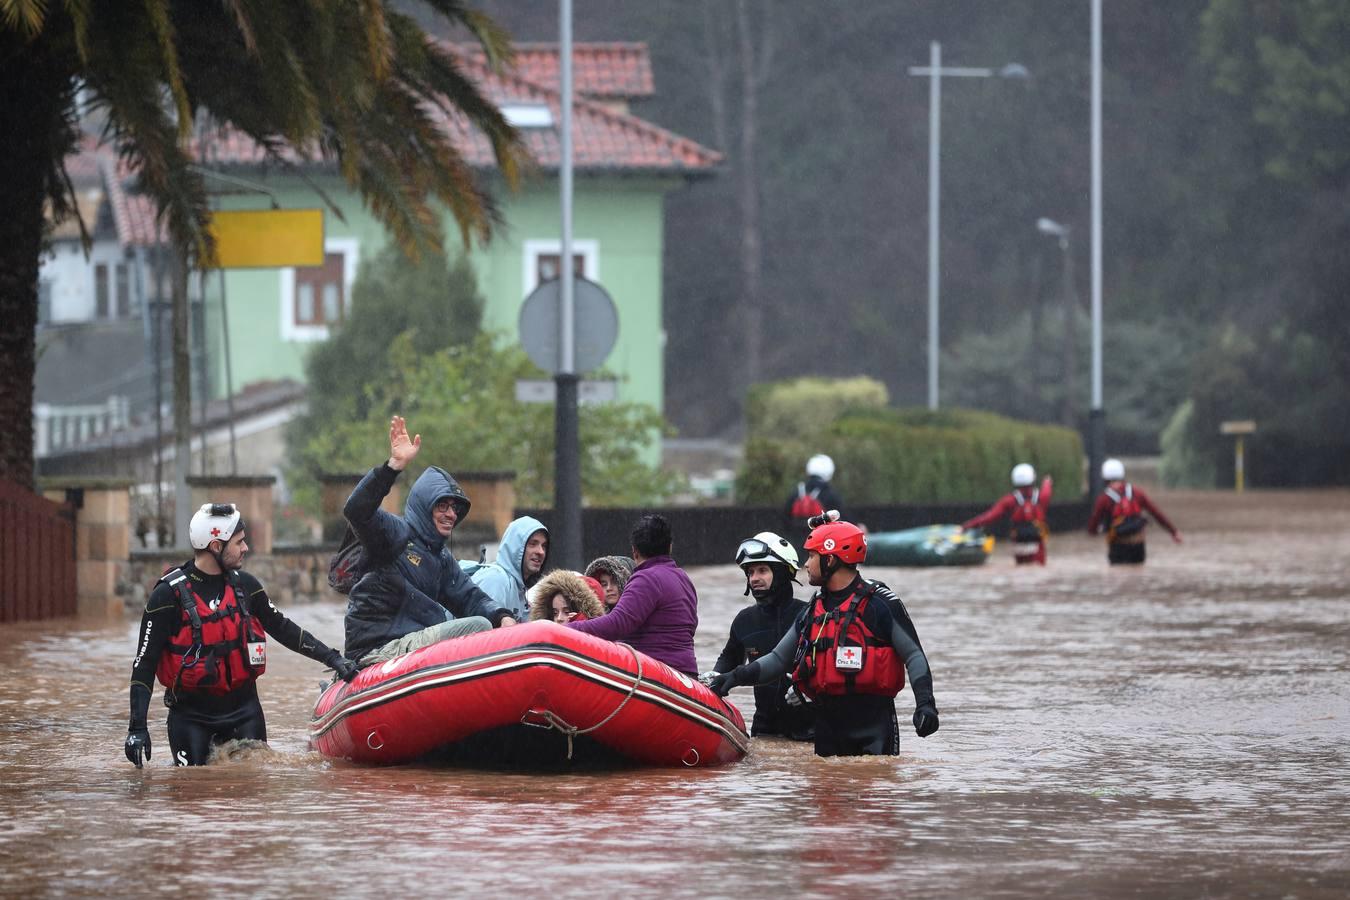 El Estado aprueba 746 millones en ayudas por catástrofes naturales y se olvida de Cantabria